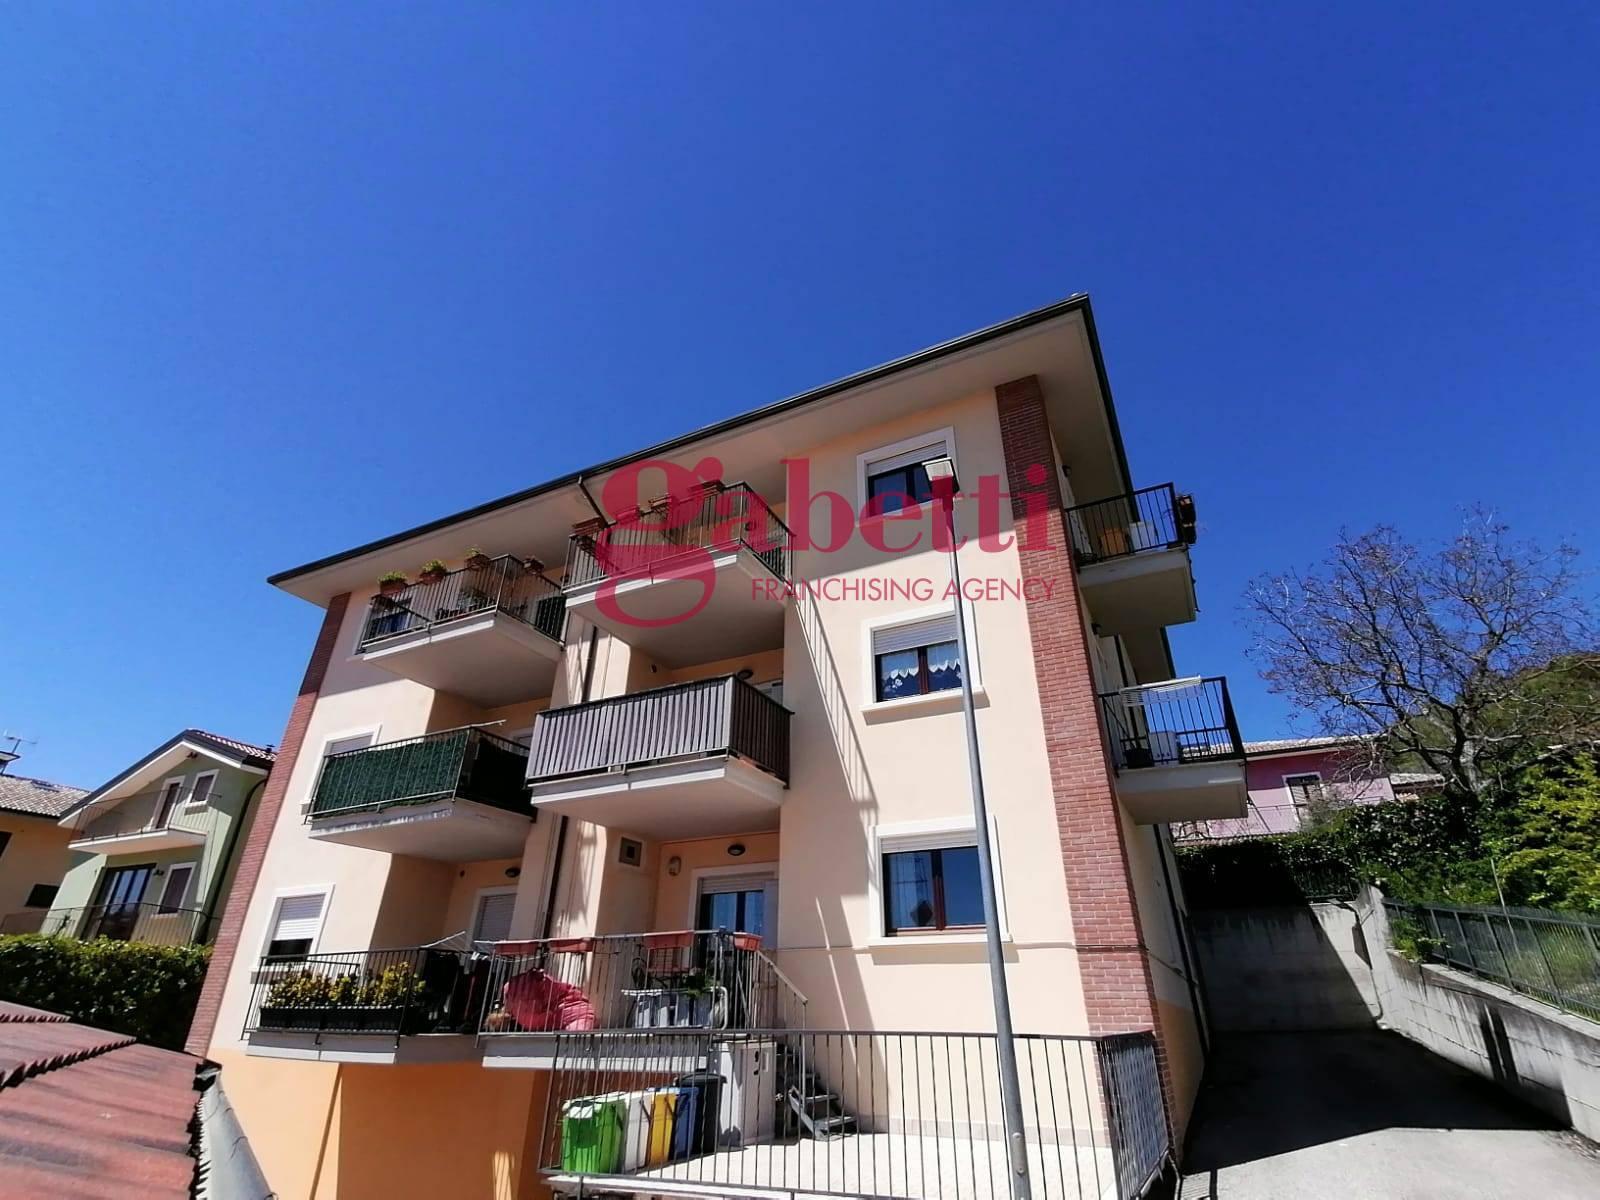 Appartamento in vendita a L'Aquila, 3 locali, zona Località: SanGiacomo, prezzo € 117.500 | PortaleAgenzieImmobiliari.it